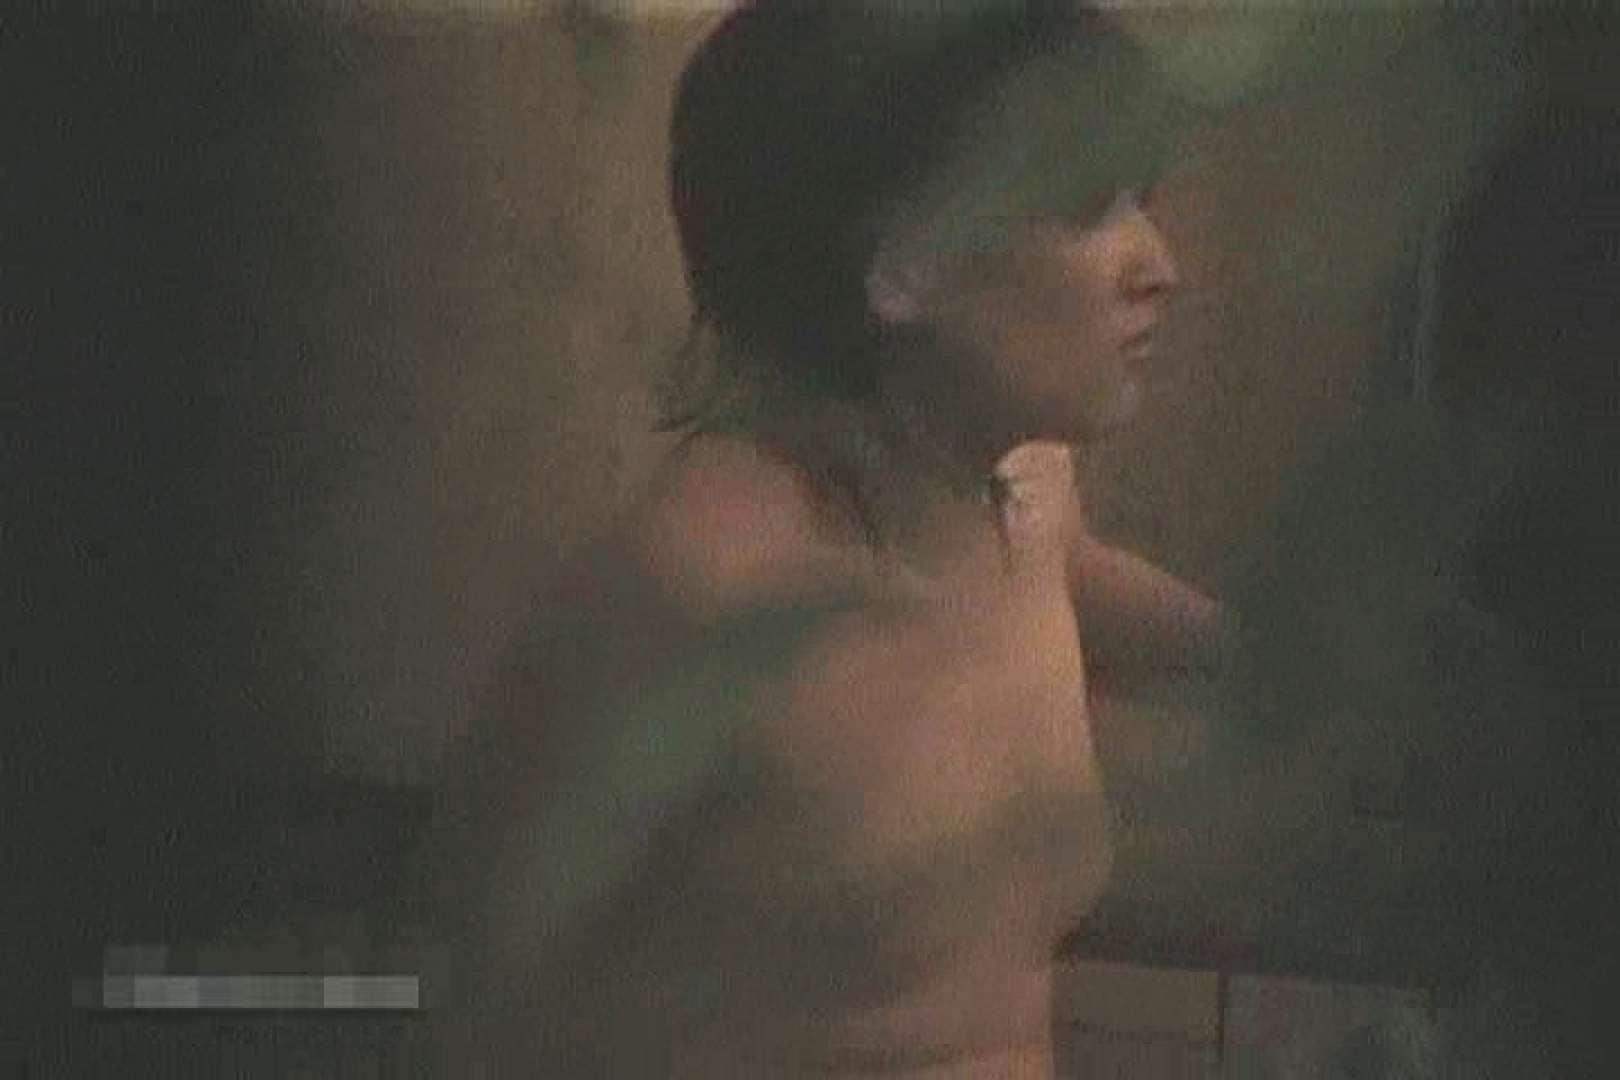 全裸で発情!!家族風呂の実態Vol.2 OLセックス  50画像 16